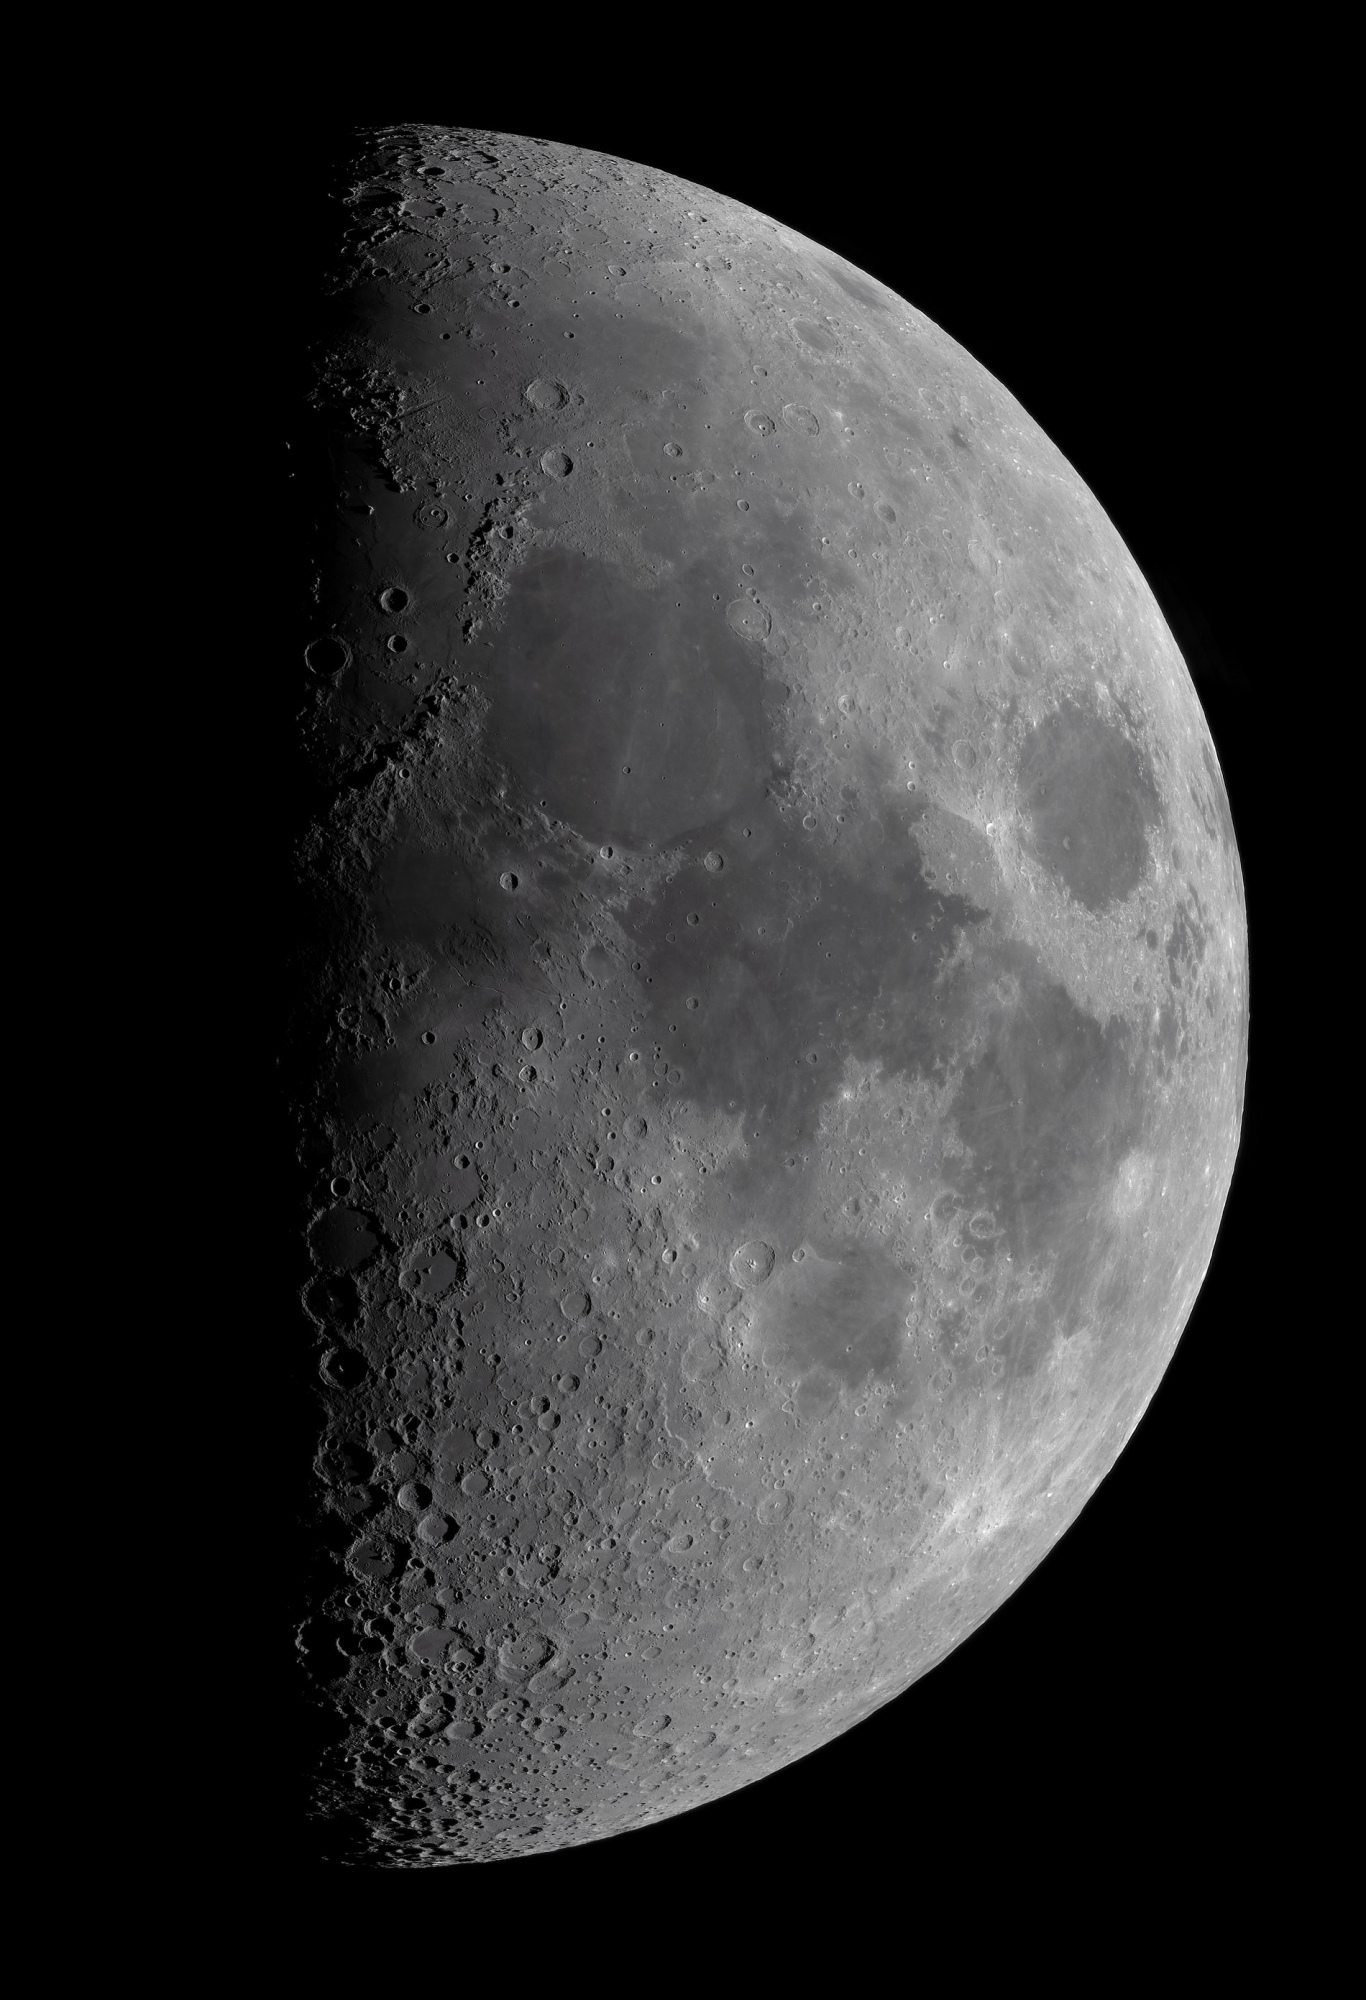 Lune-20191204_PQ_mosa_fo-PSAS.thumb.jpg.05d88a9b3e3519b1592ed76922b472cb.jpg